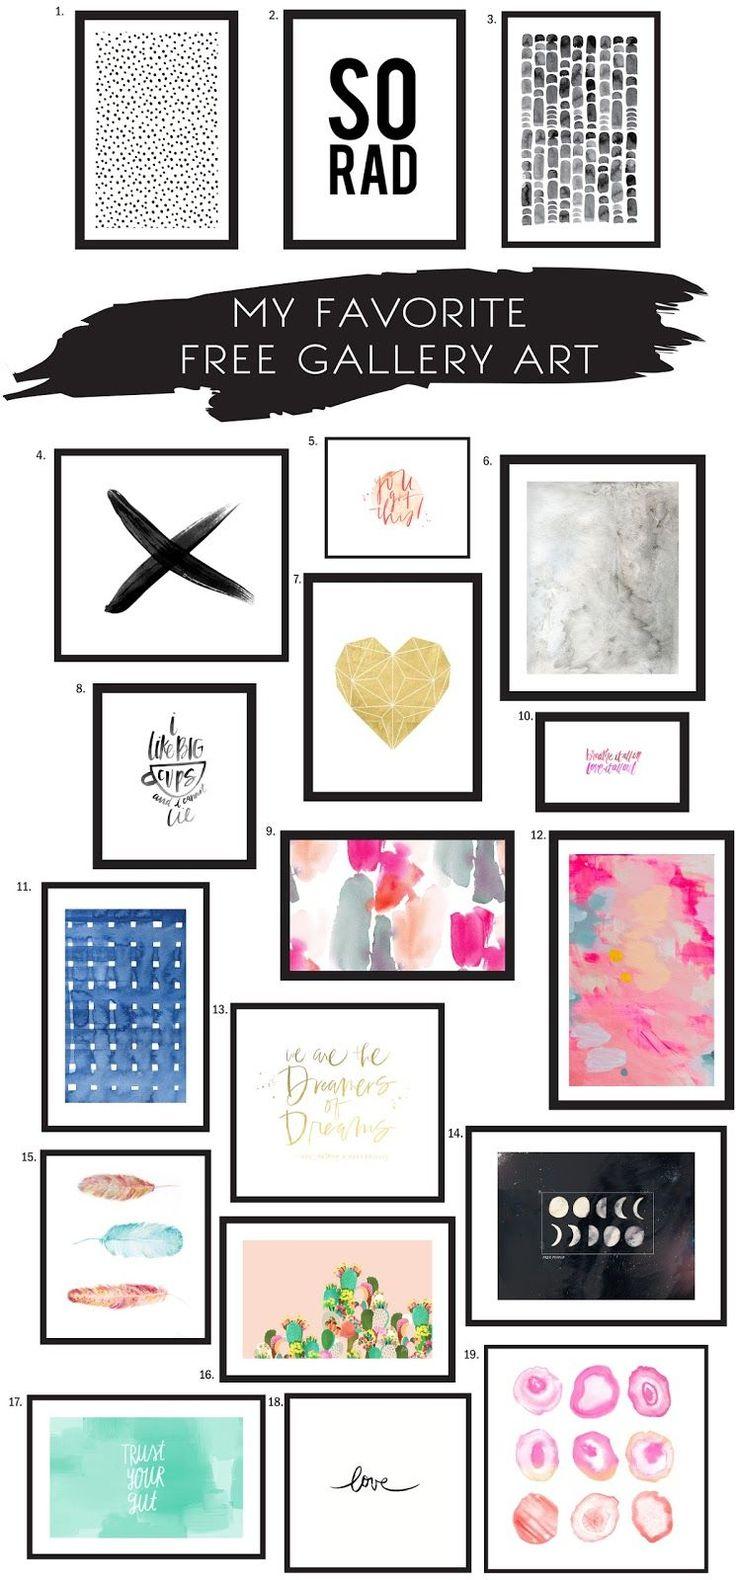 By Sophia Lee: MY FAVORITE FREE GALLERY ART